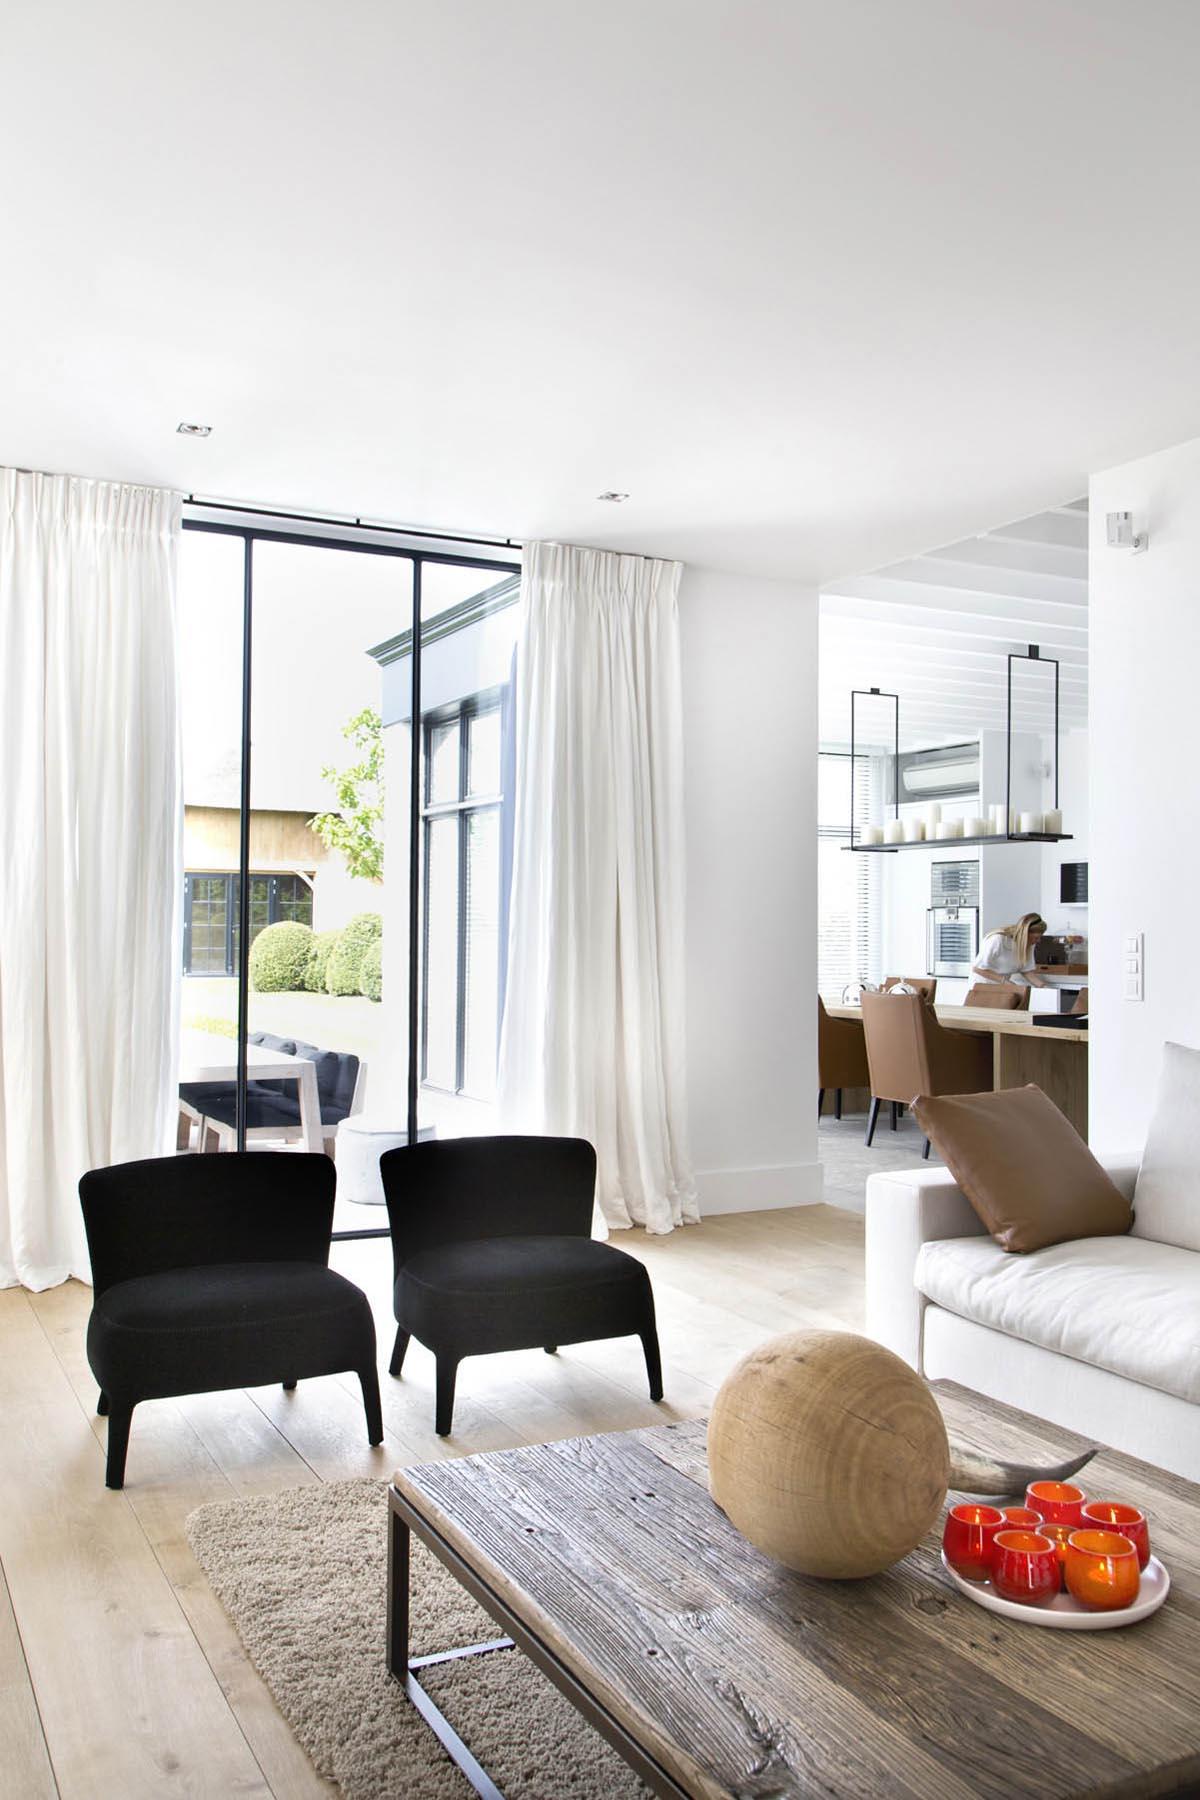 5 Inspiring Home Design Trends from Colorado